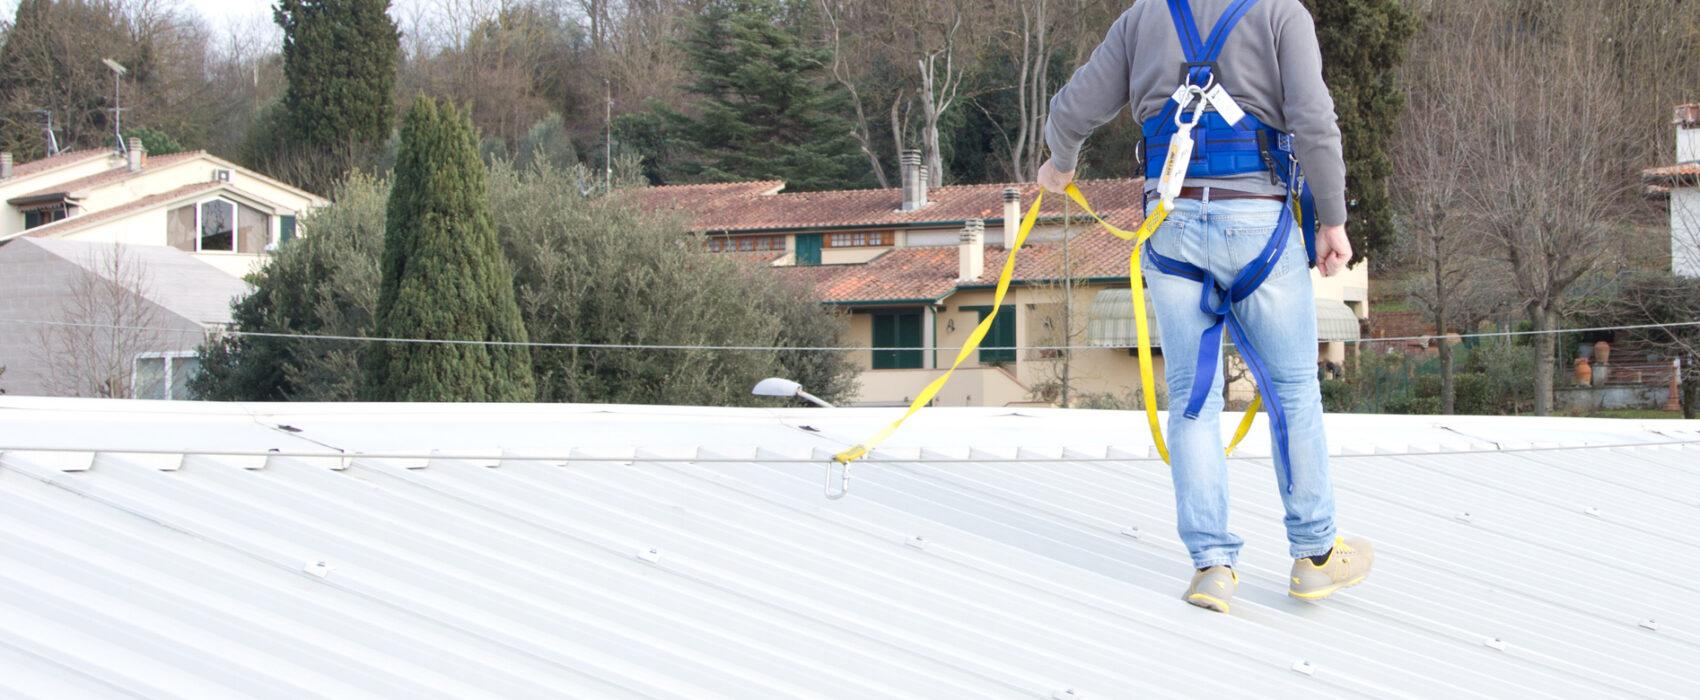 Sistemi anticaduta per tetti – Cosa sono?